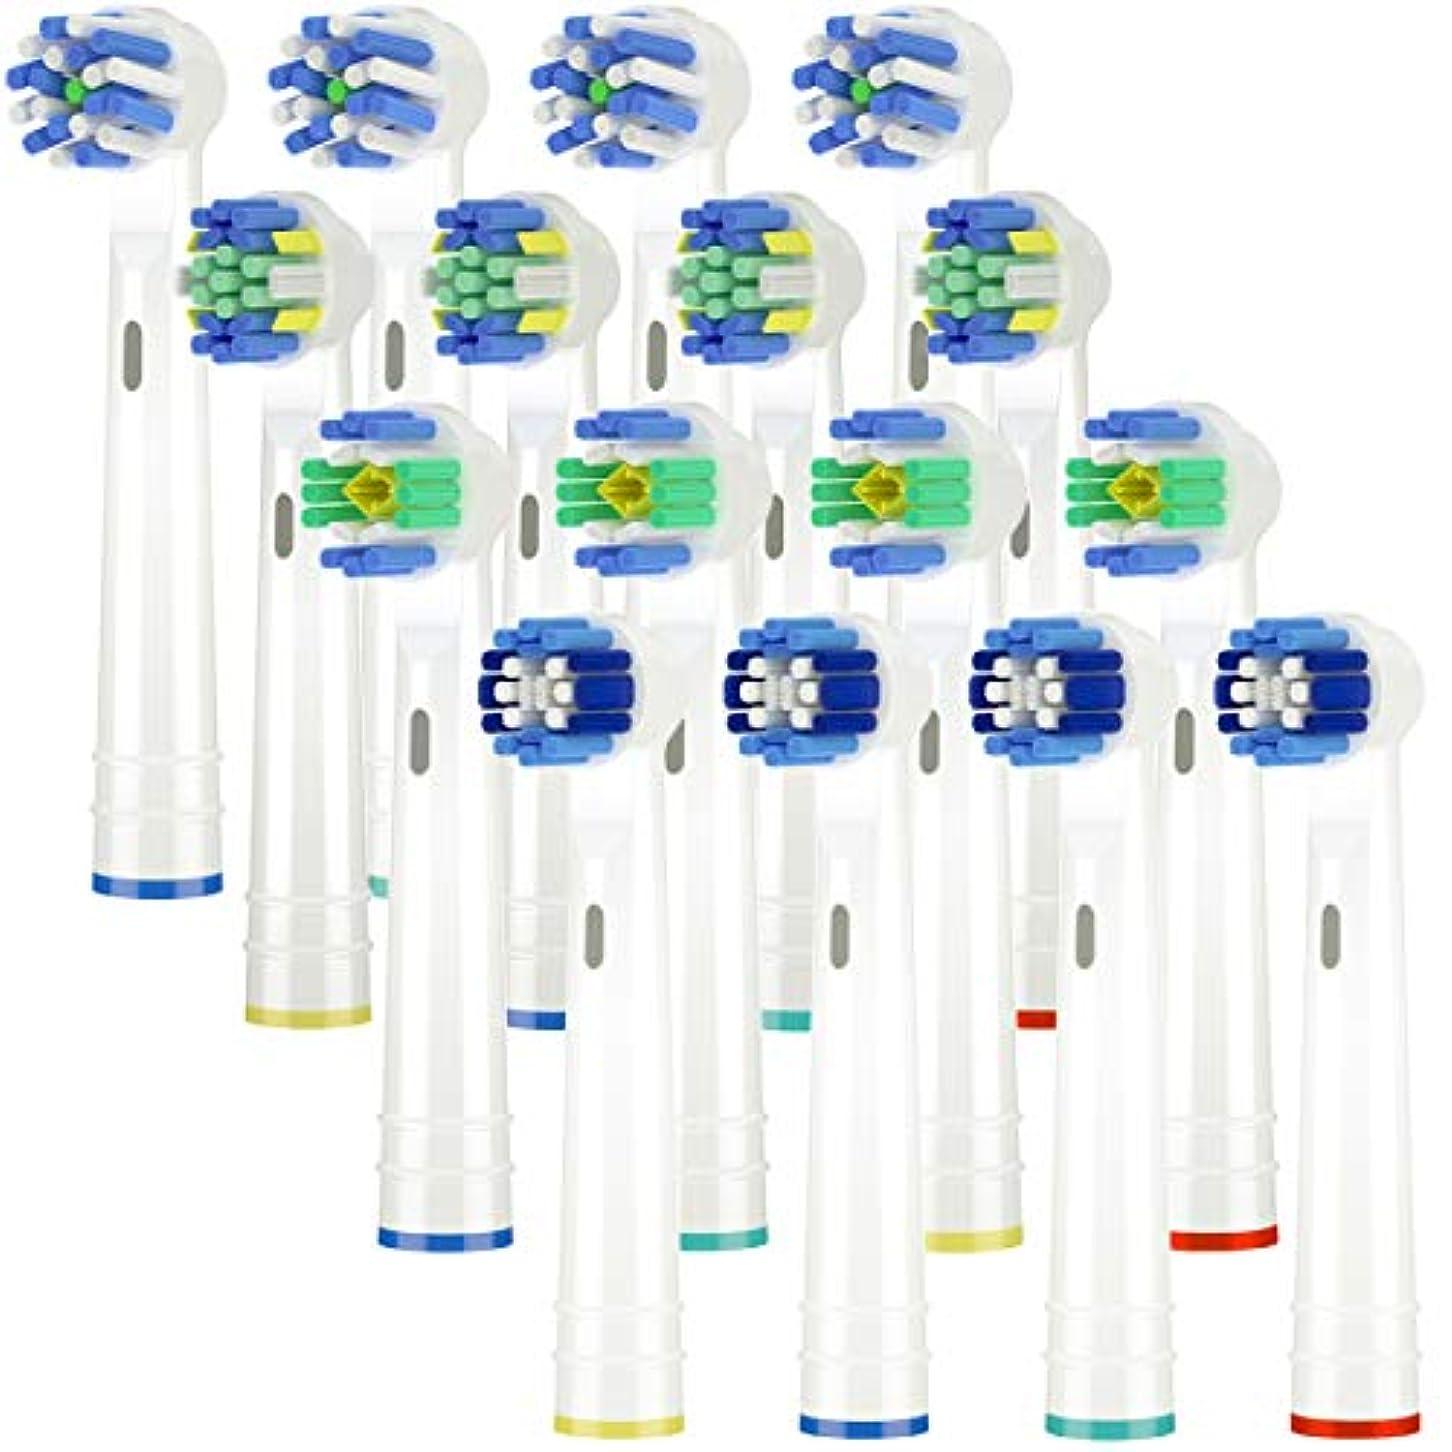 どういたしまして複合黄ばむItechnik 電動歯ブラシ 替えブラシ ブラウン オーラルB 対応 替えブラシ 4種類が入り:ホワイトニングブラシ 、ベーシックブラシ、歯間ワイパー付きブラシ、マルチアクションブラシ 凡用な16本